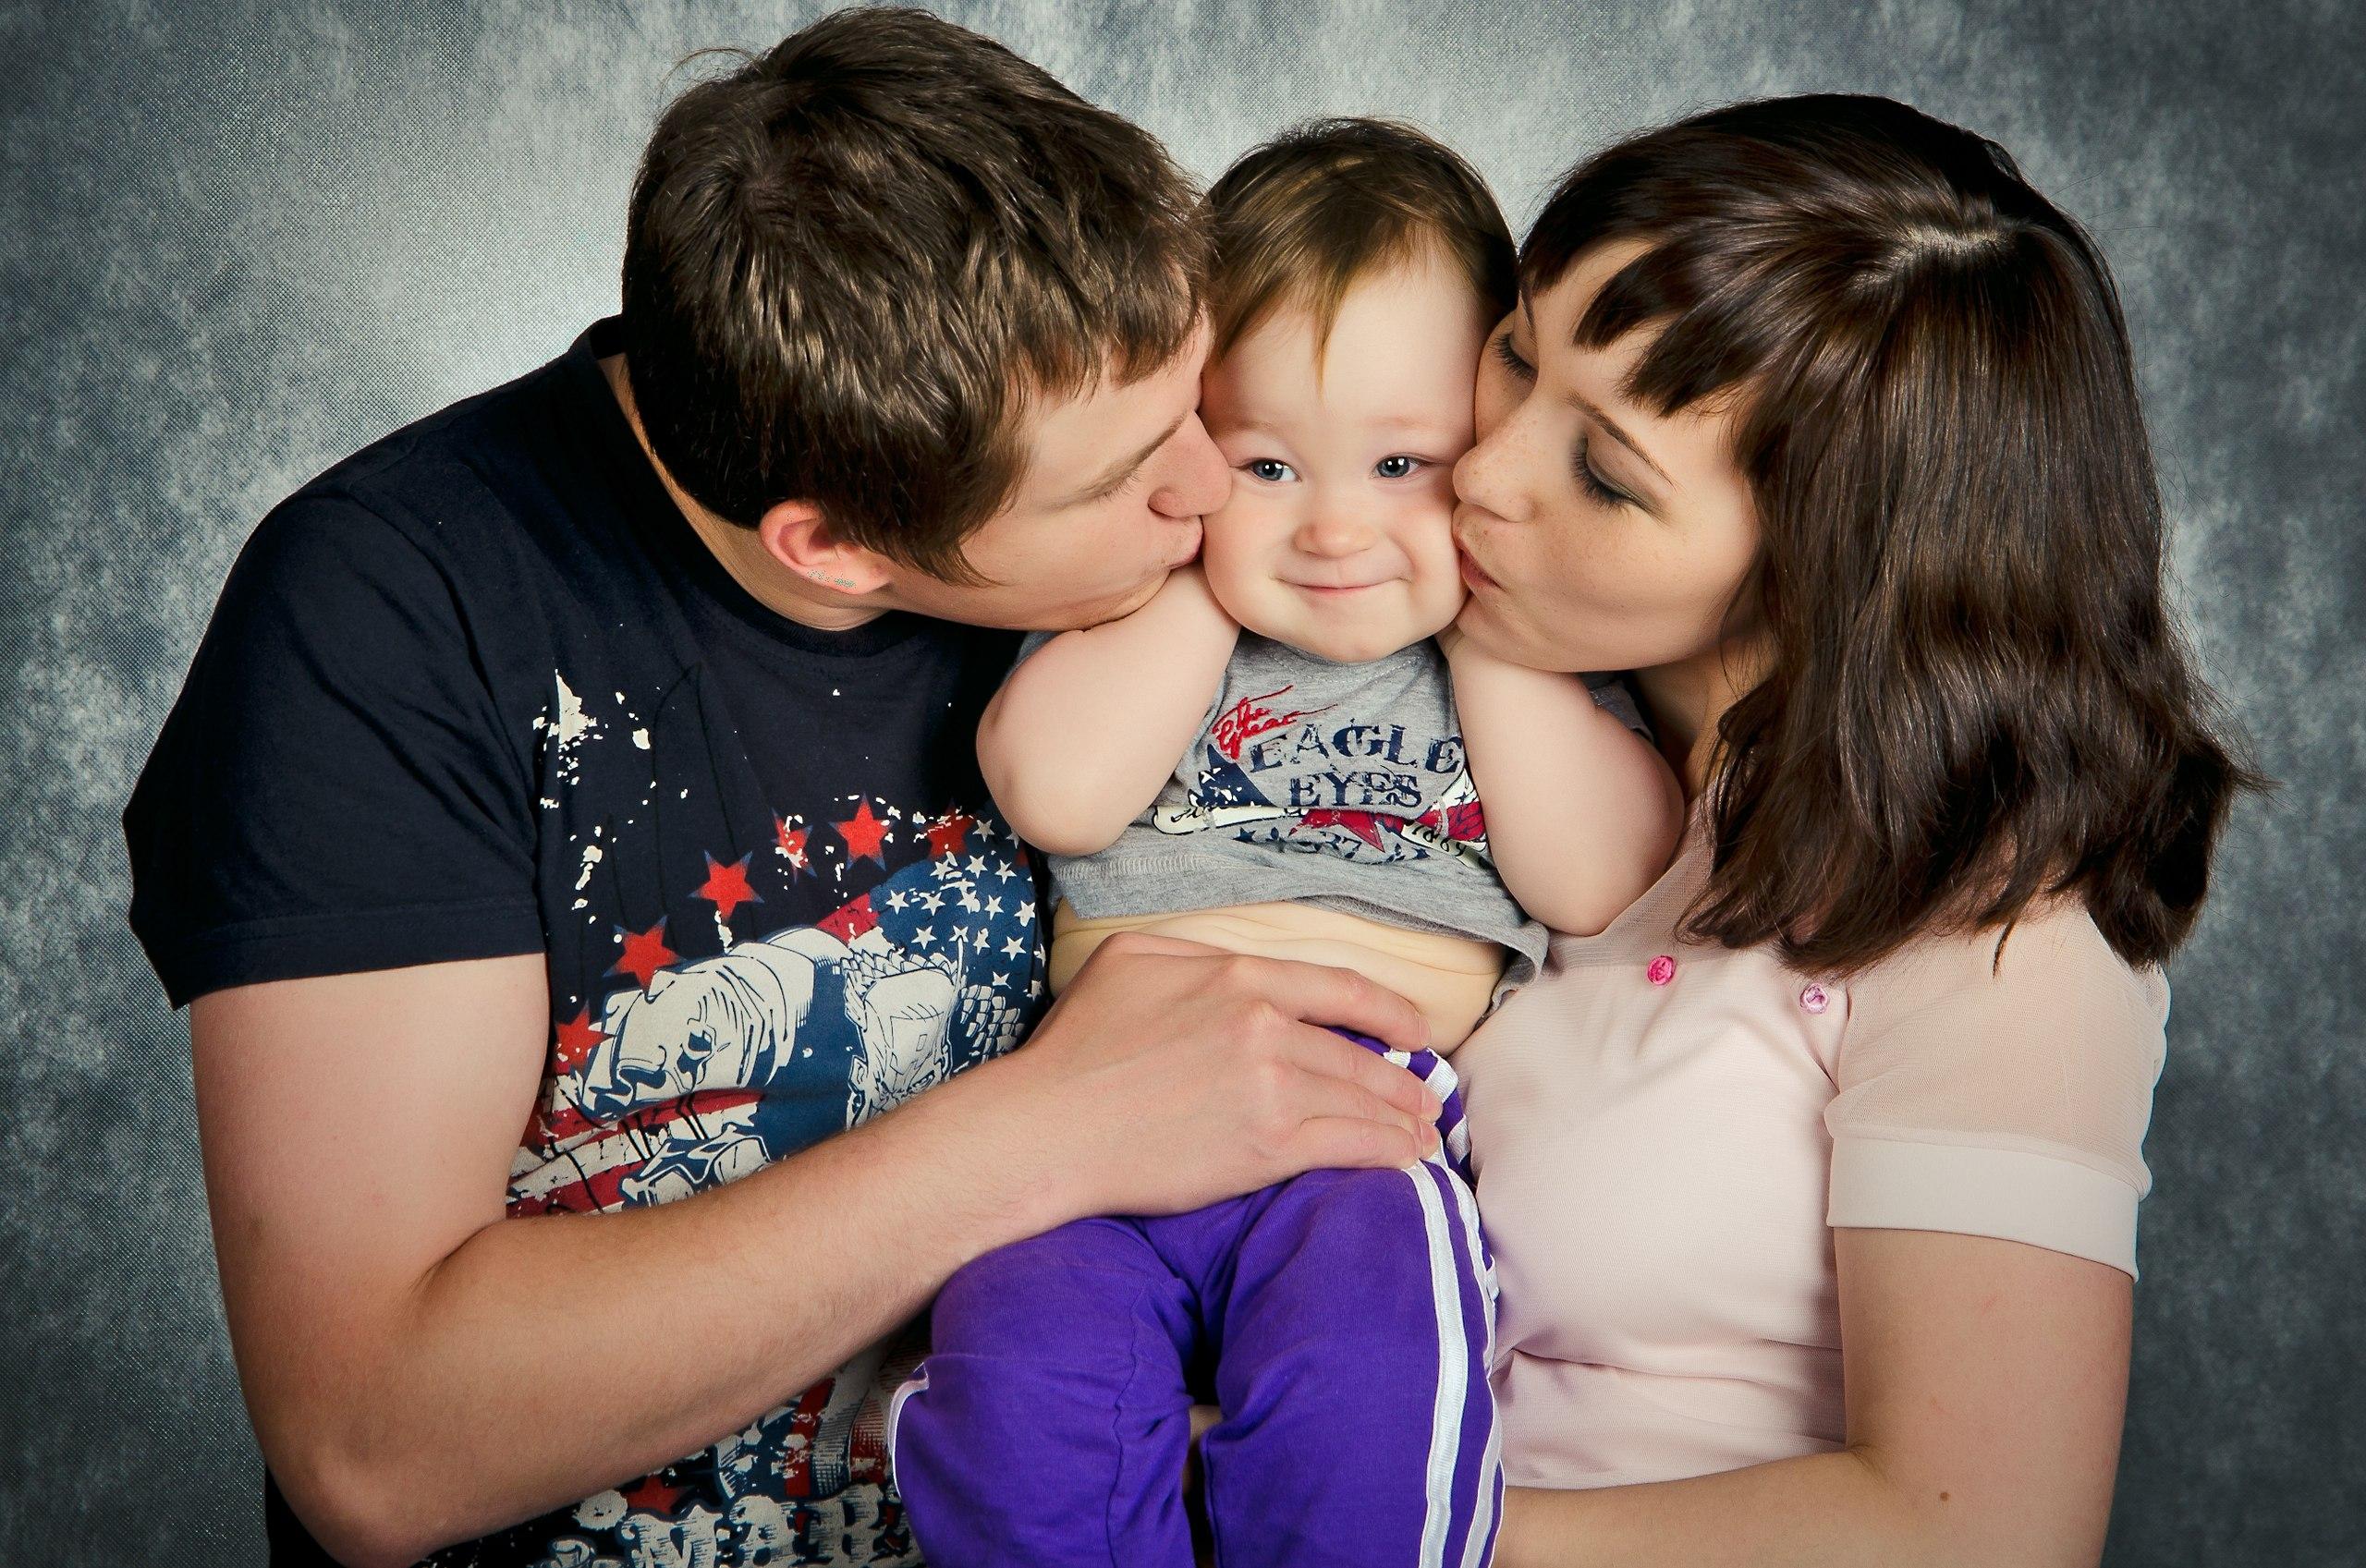 Реальные фото мам, Голые русские мамочки (44 фото) 21 фотография